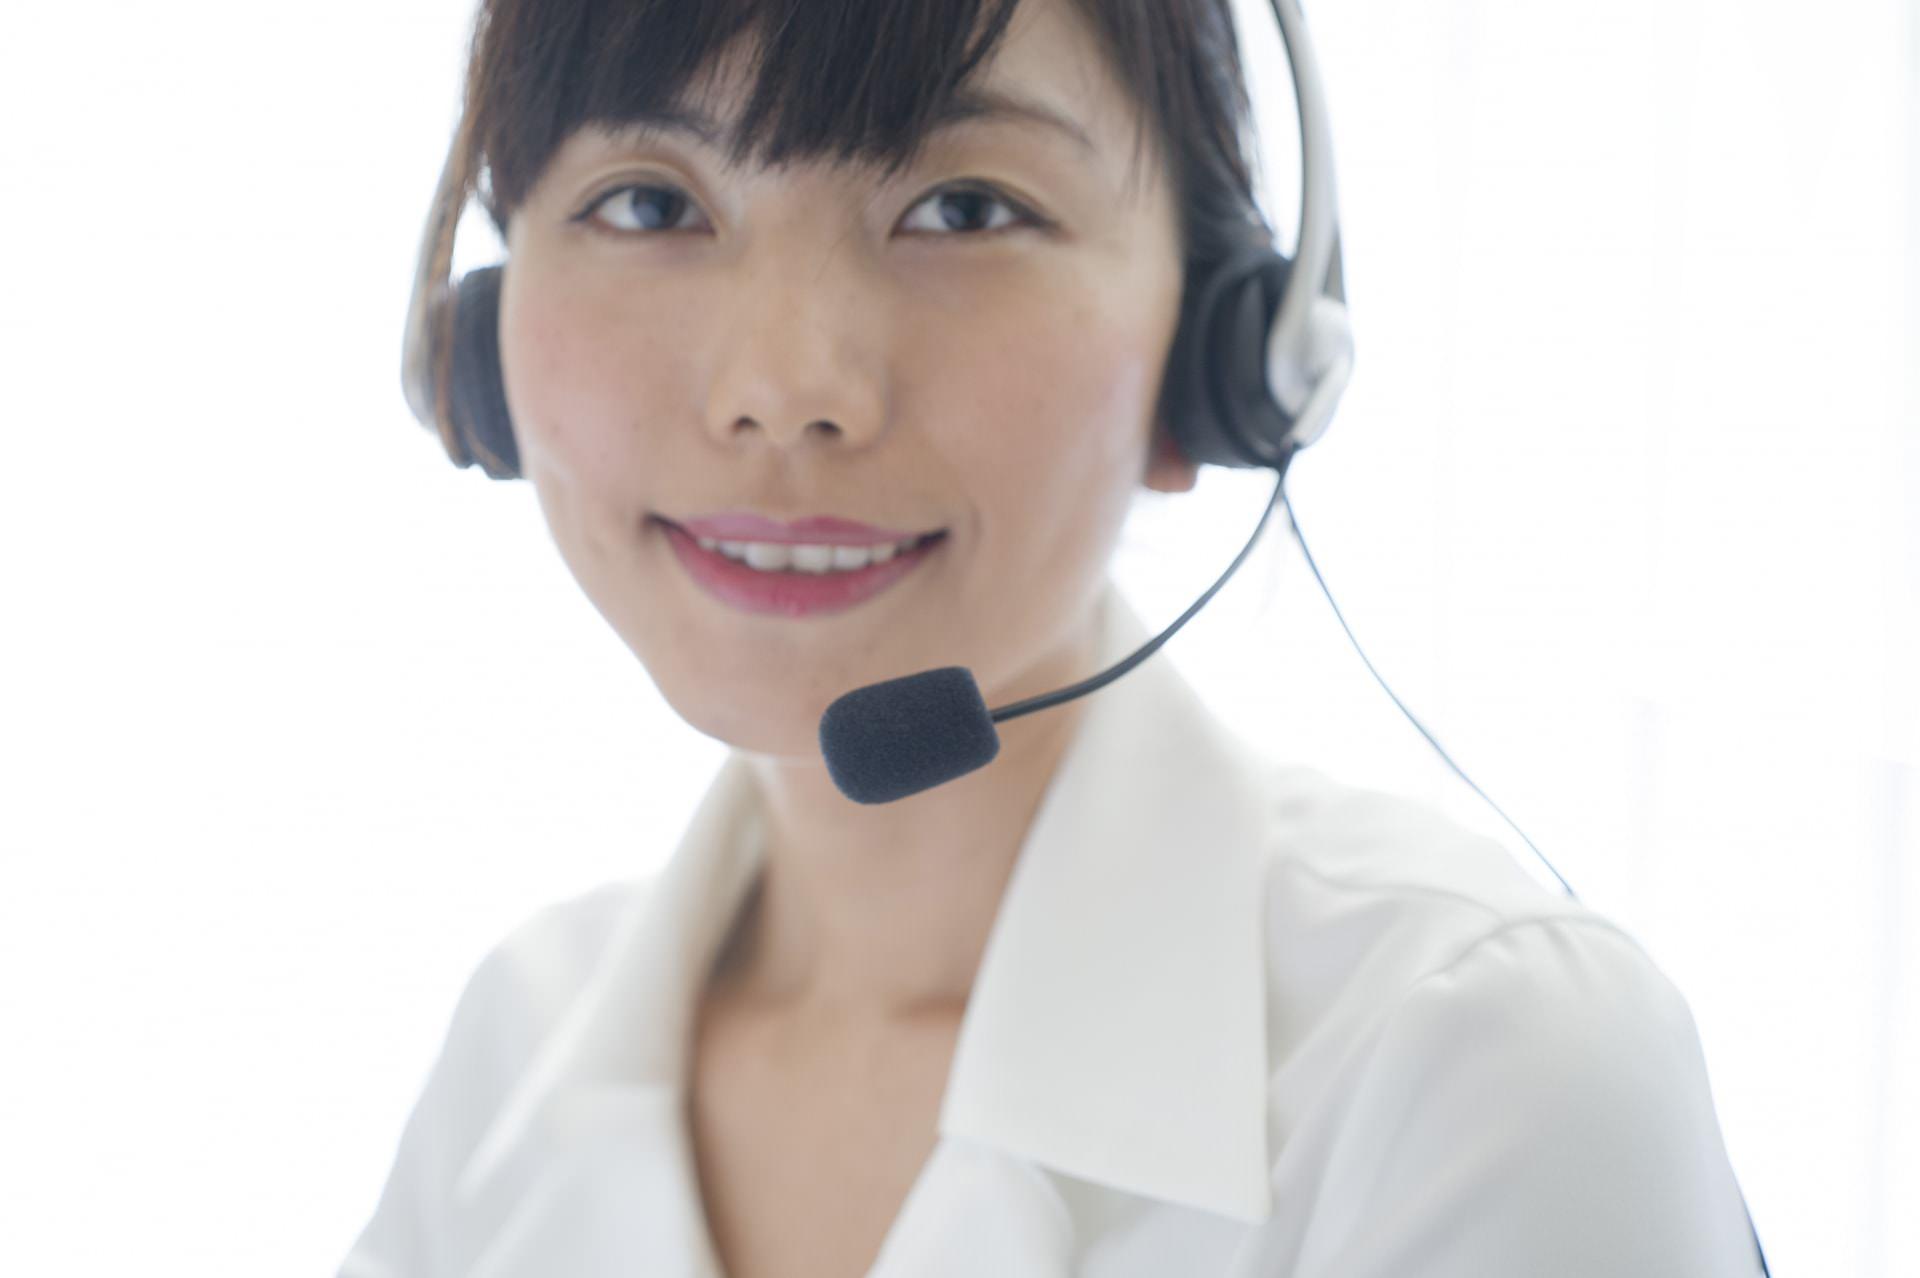 コールセンターの仕事で役立つ代表的なトークマニュアルとは?